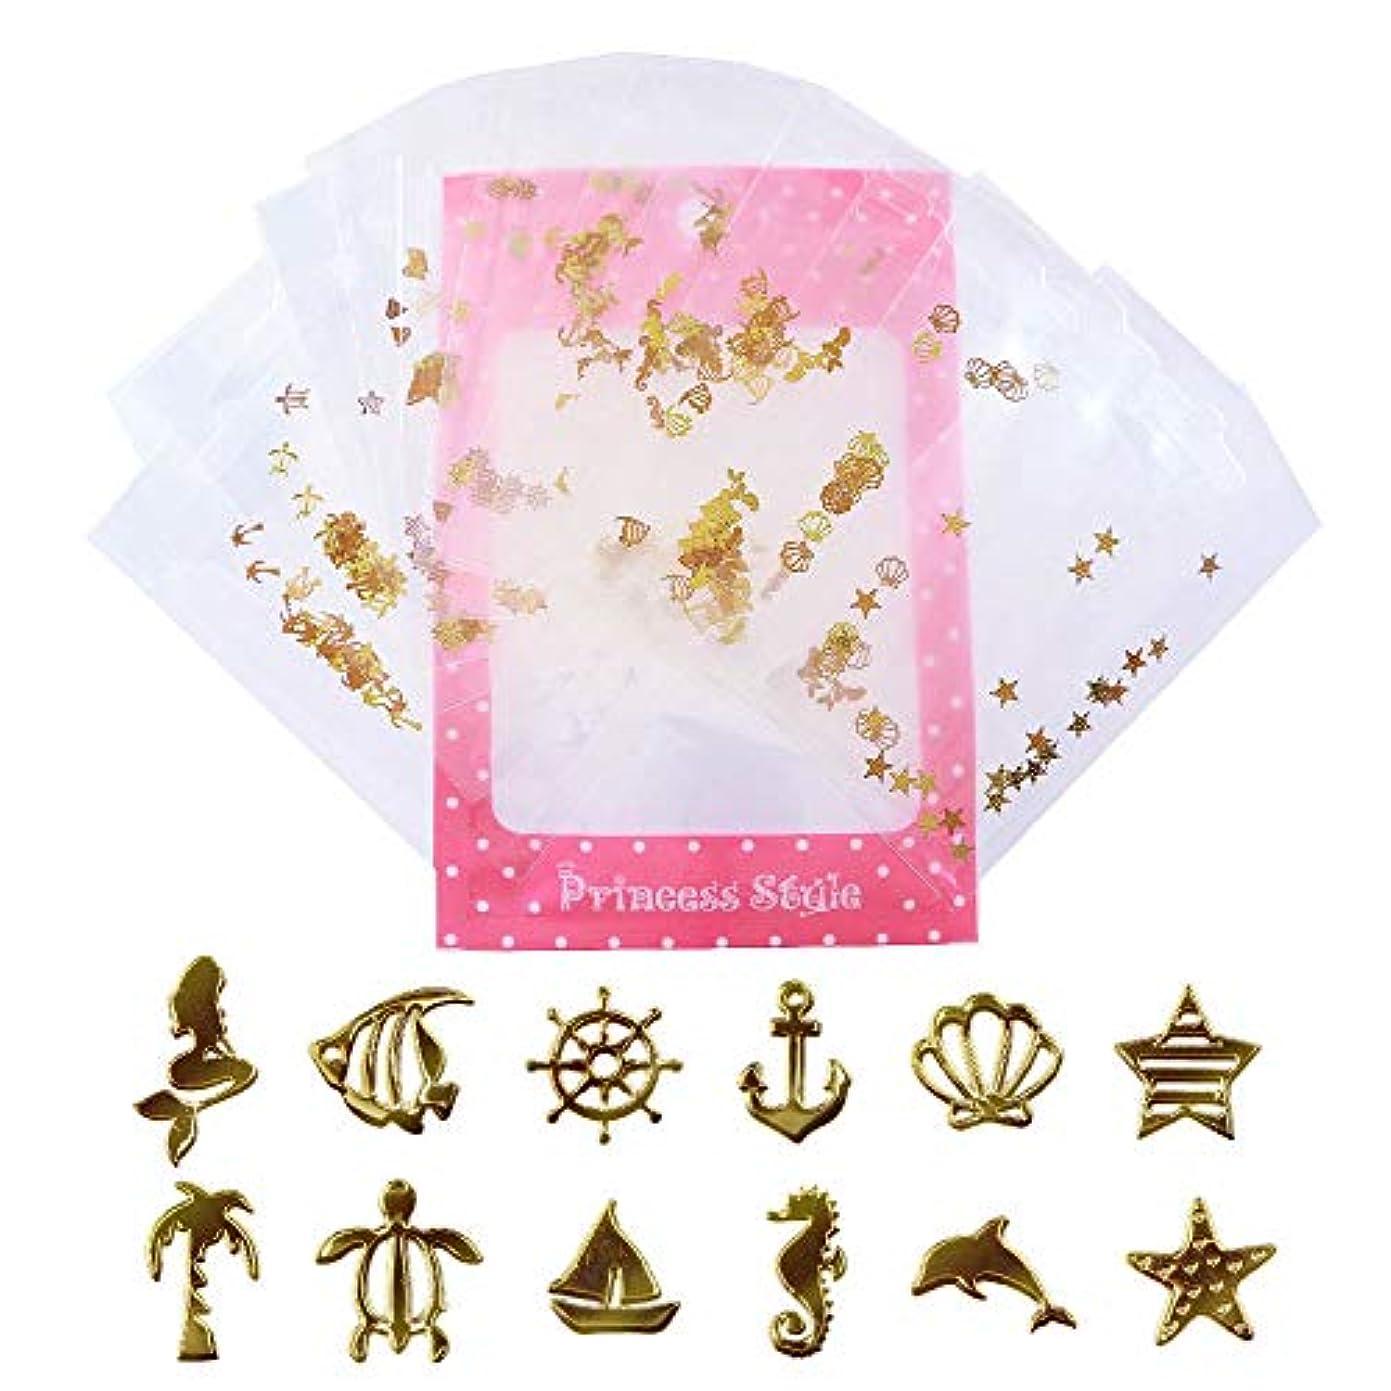 アンペア爆風傾く薄型 アート パーツ ゴールド ネイル&レジン用 マリンパーツ 12種類300枚セット 袋入り